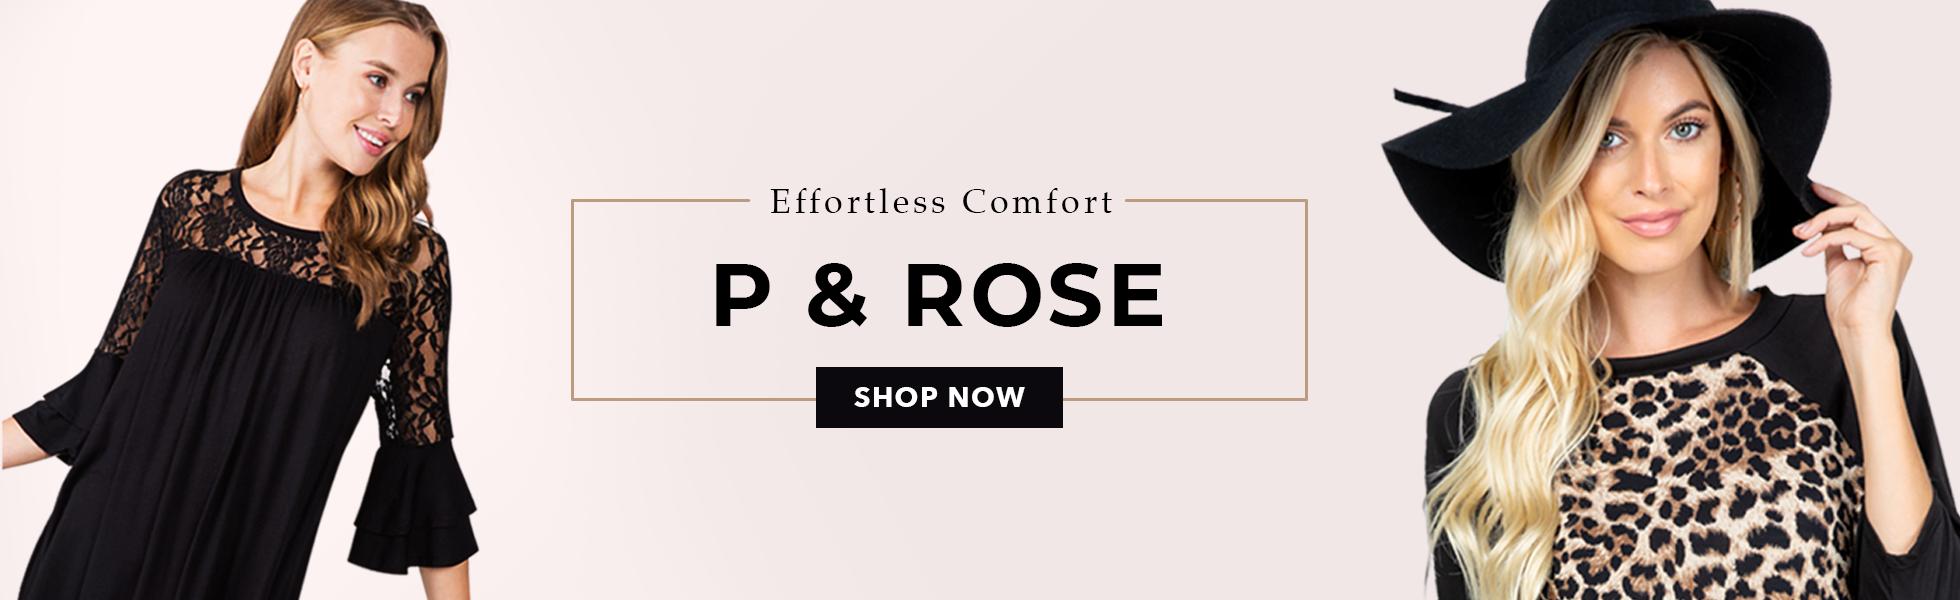 P & ROSE